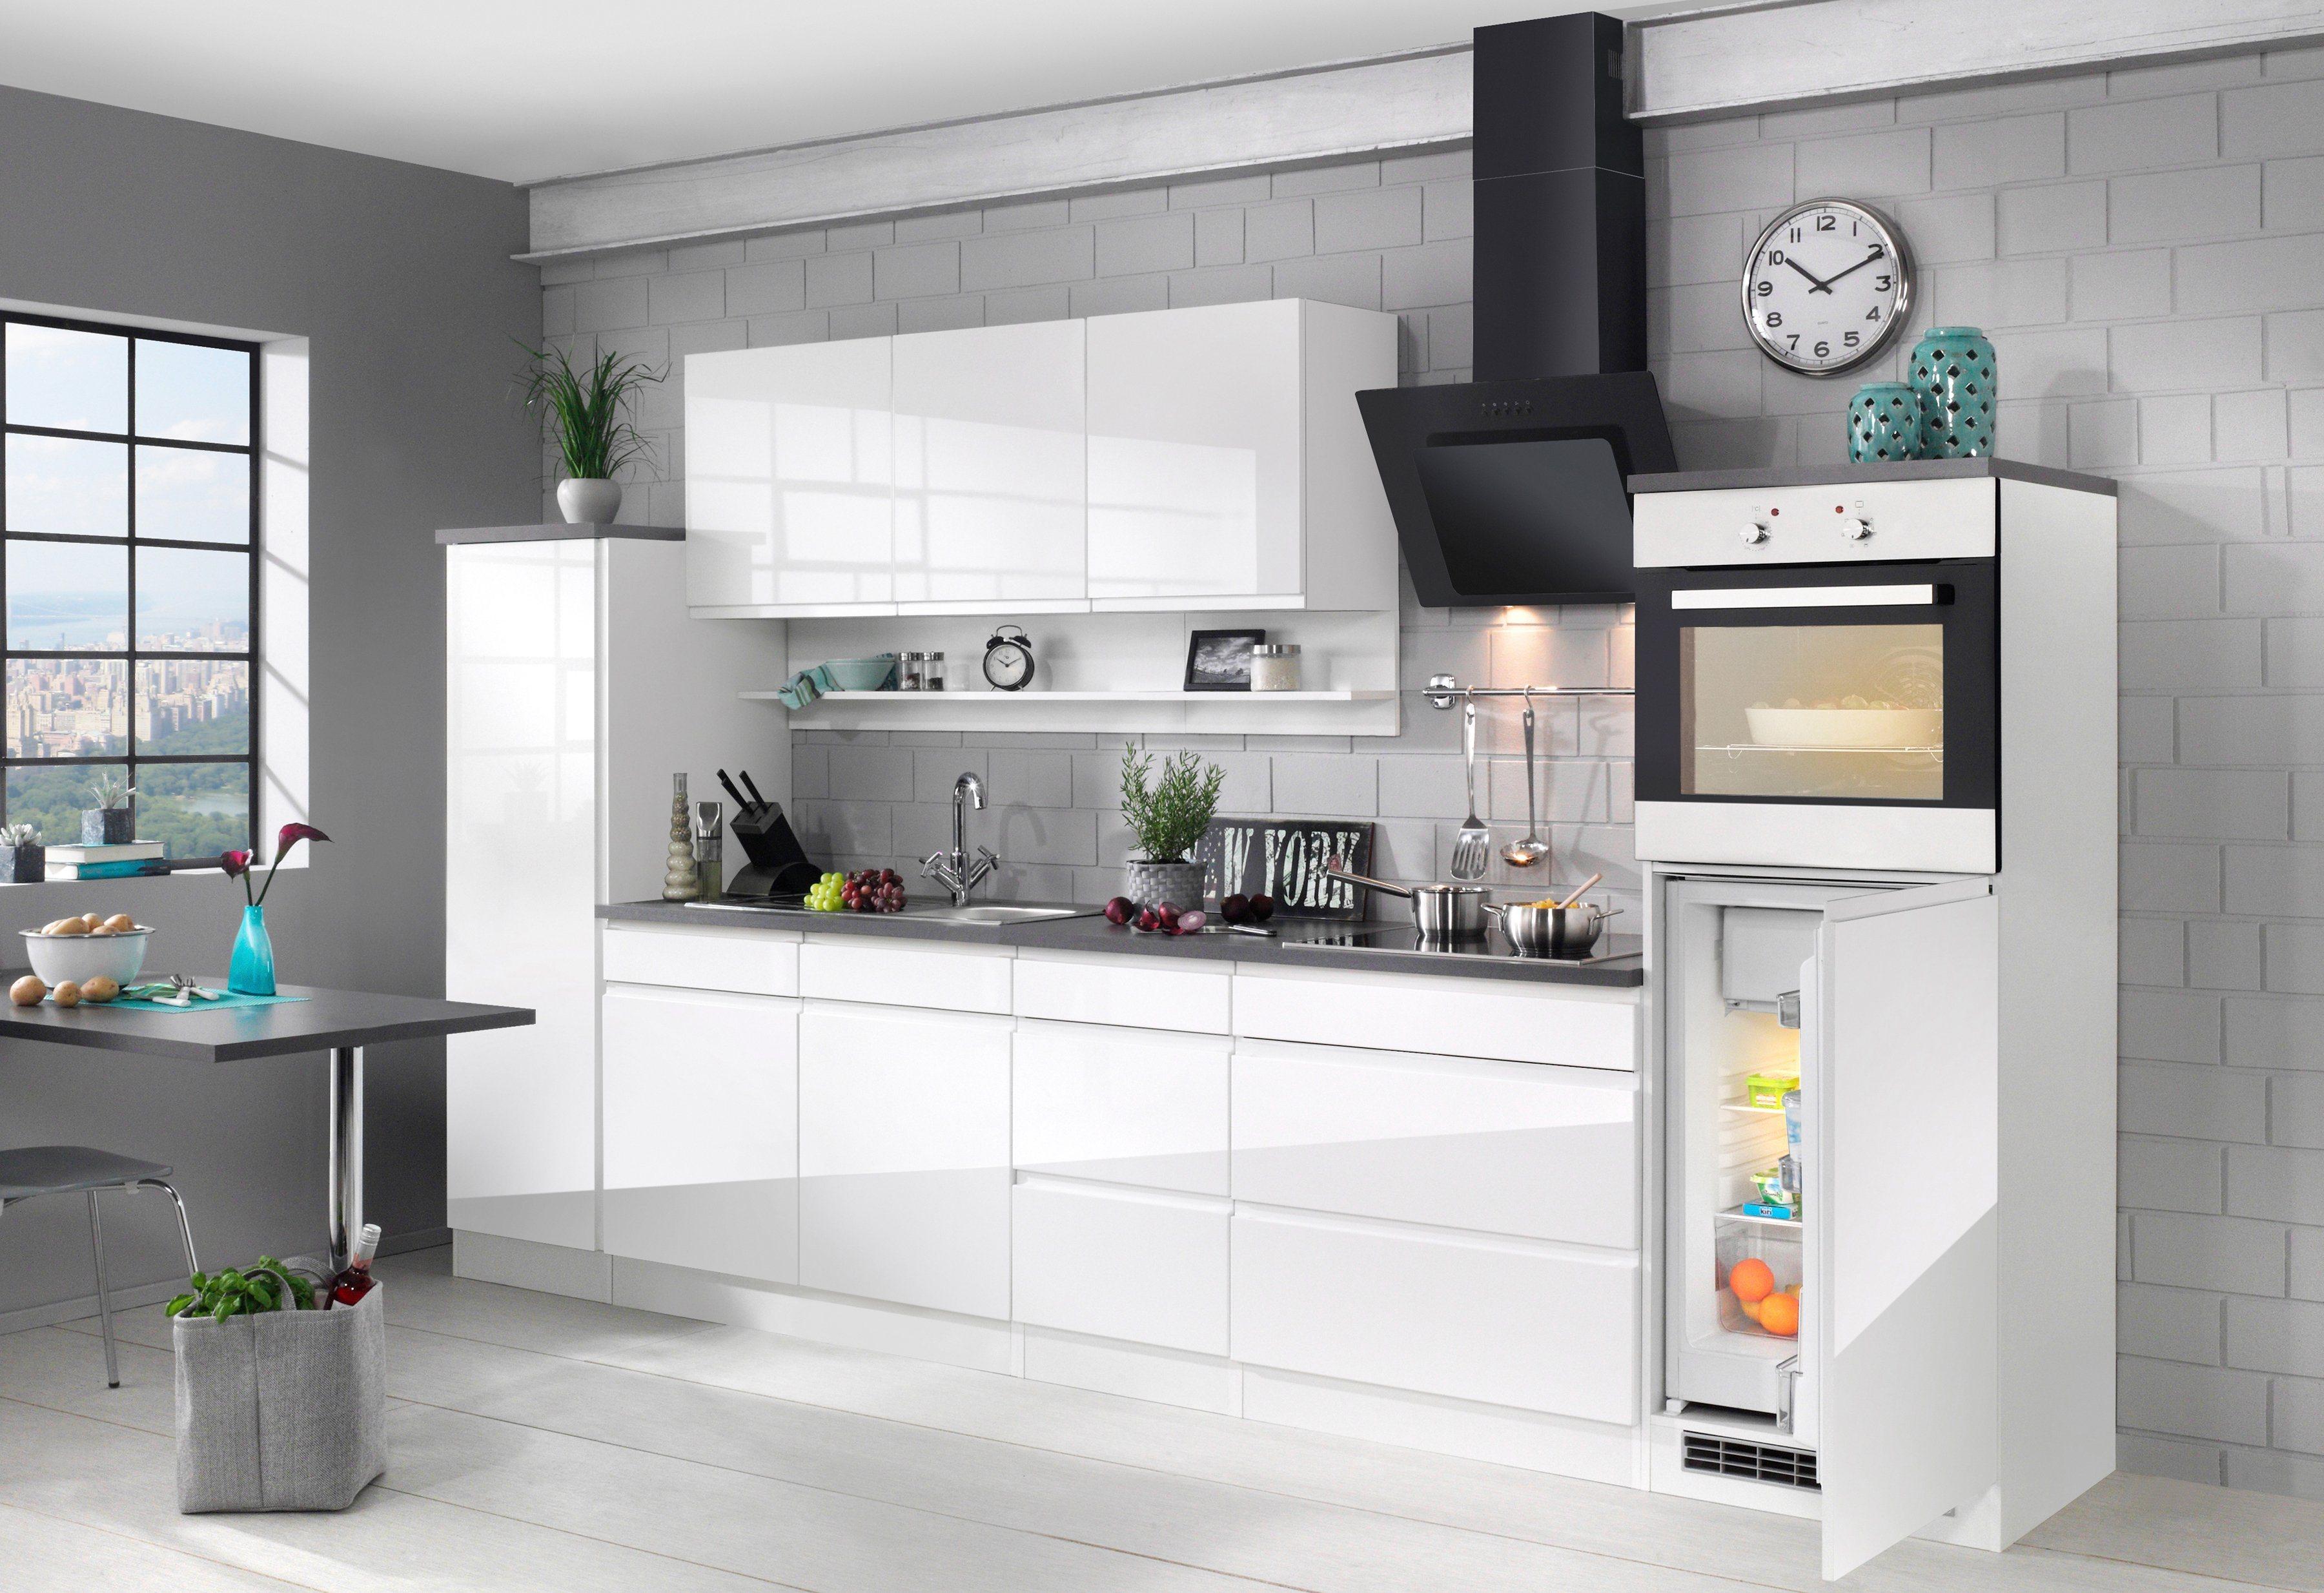 Held Küchen held moebel küchenzeilen kaufen möbel suchmaschine